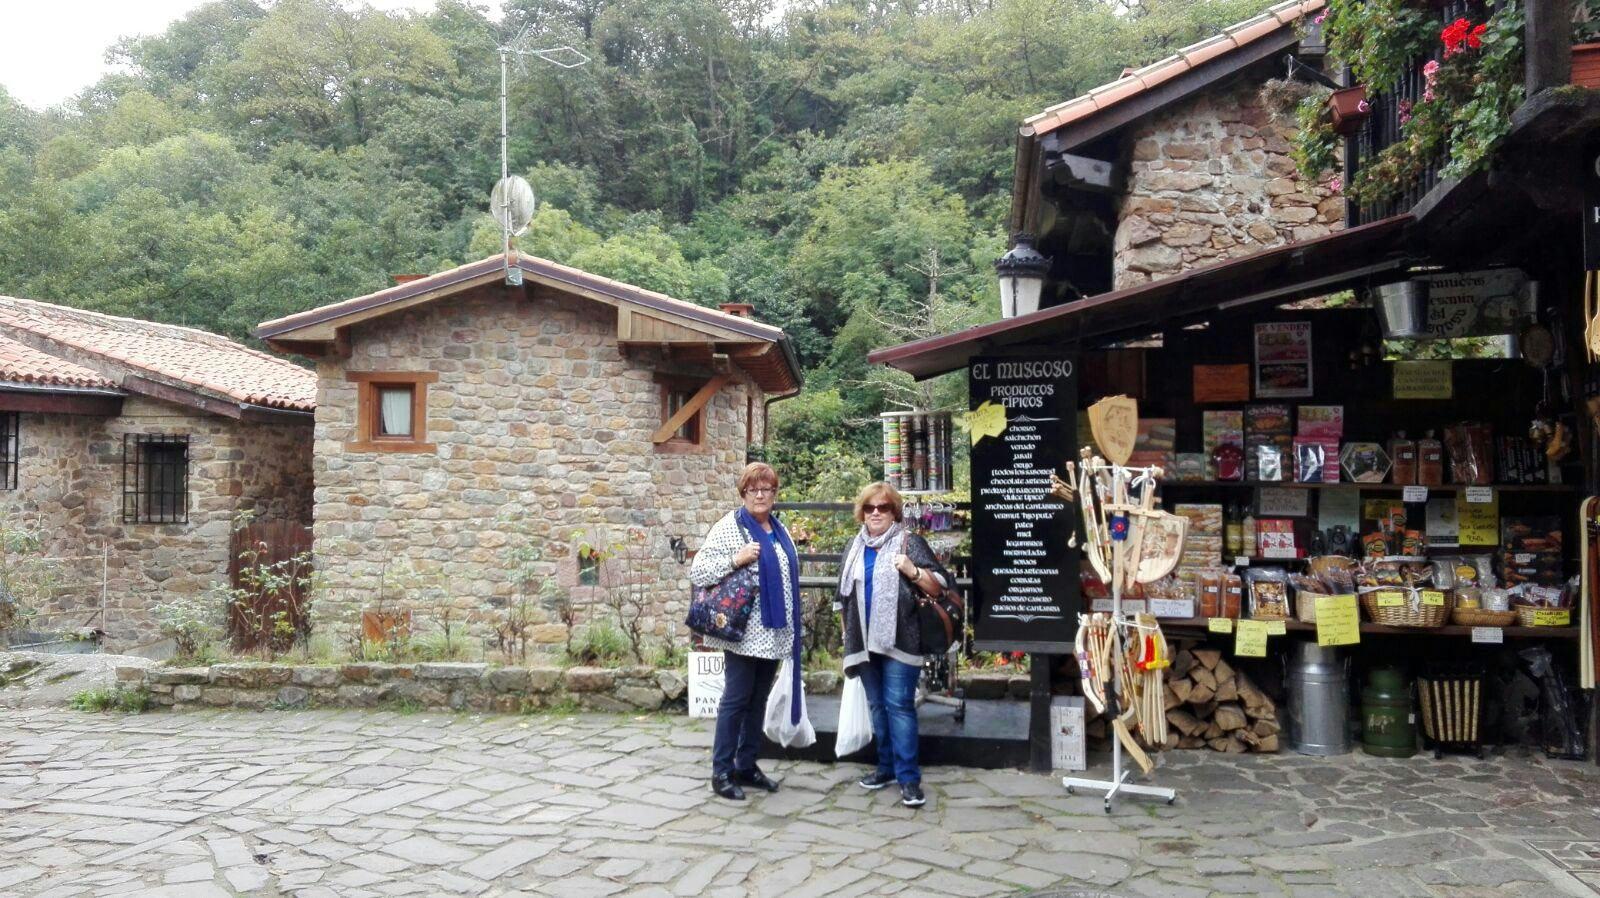 Montse y Ventura no se resisten a comprar productos típicos  de Cantabria.